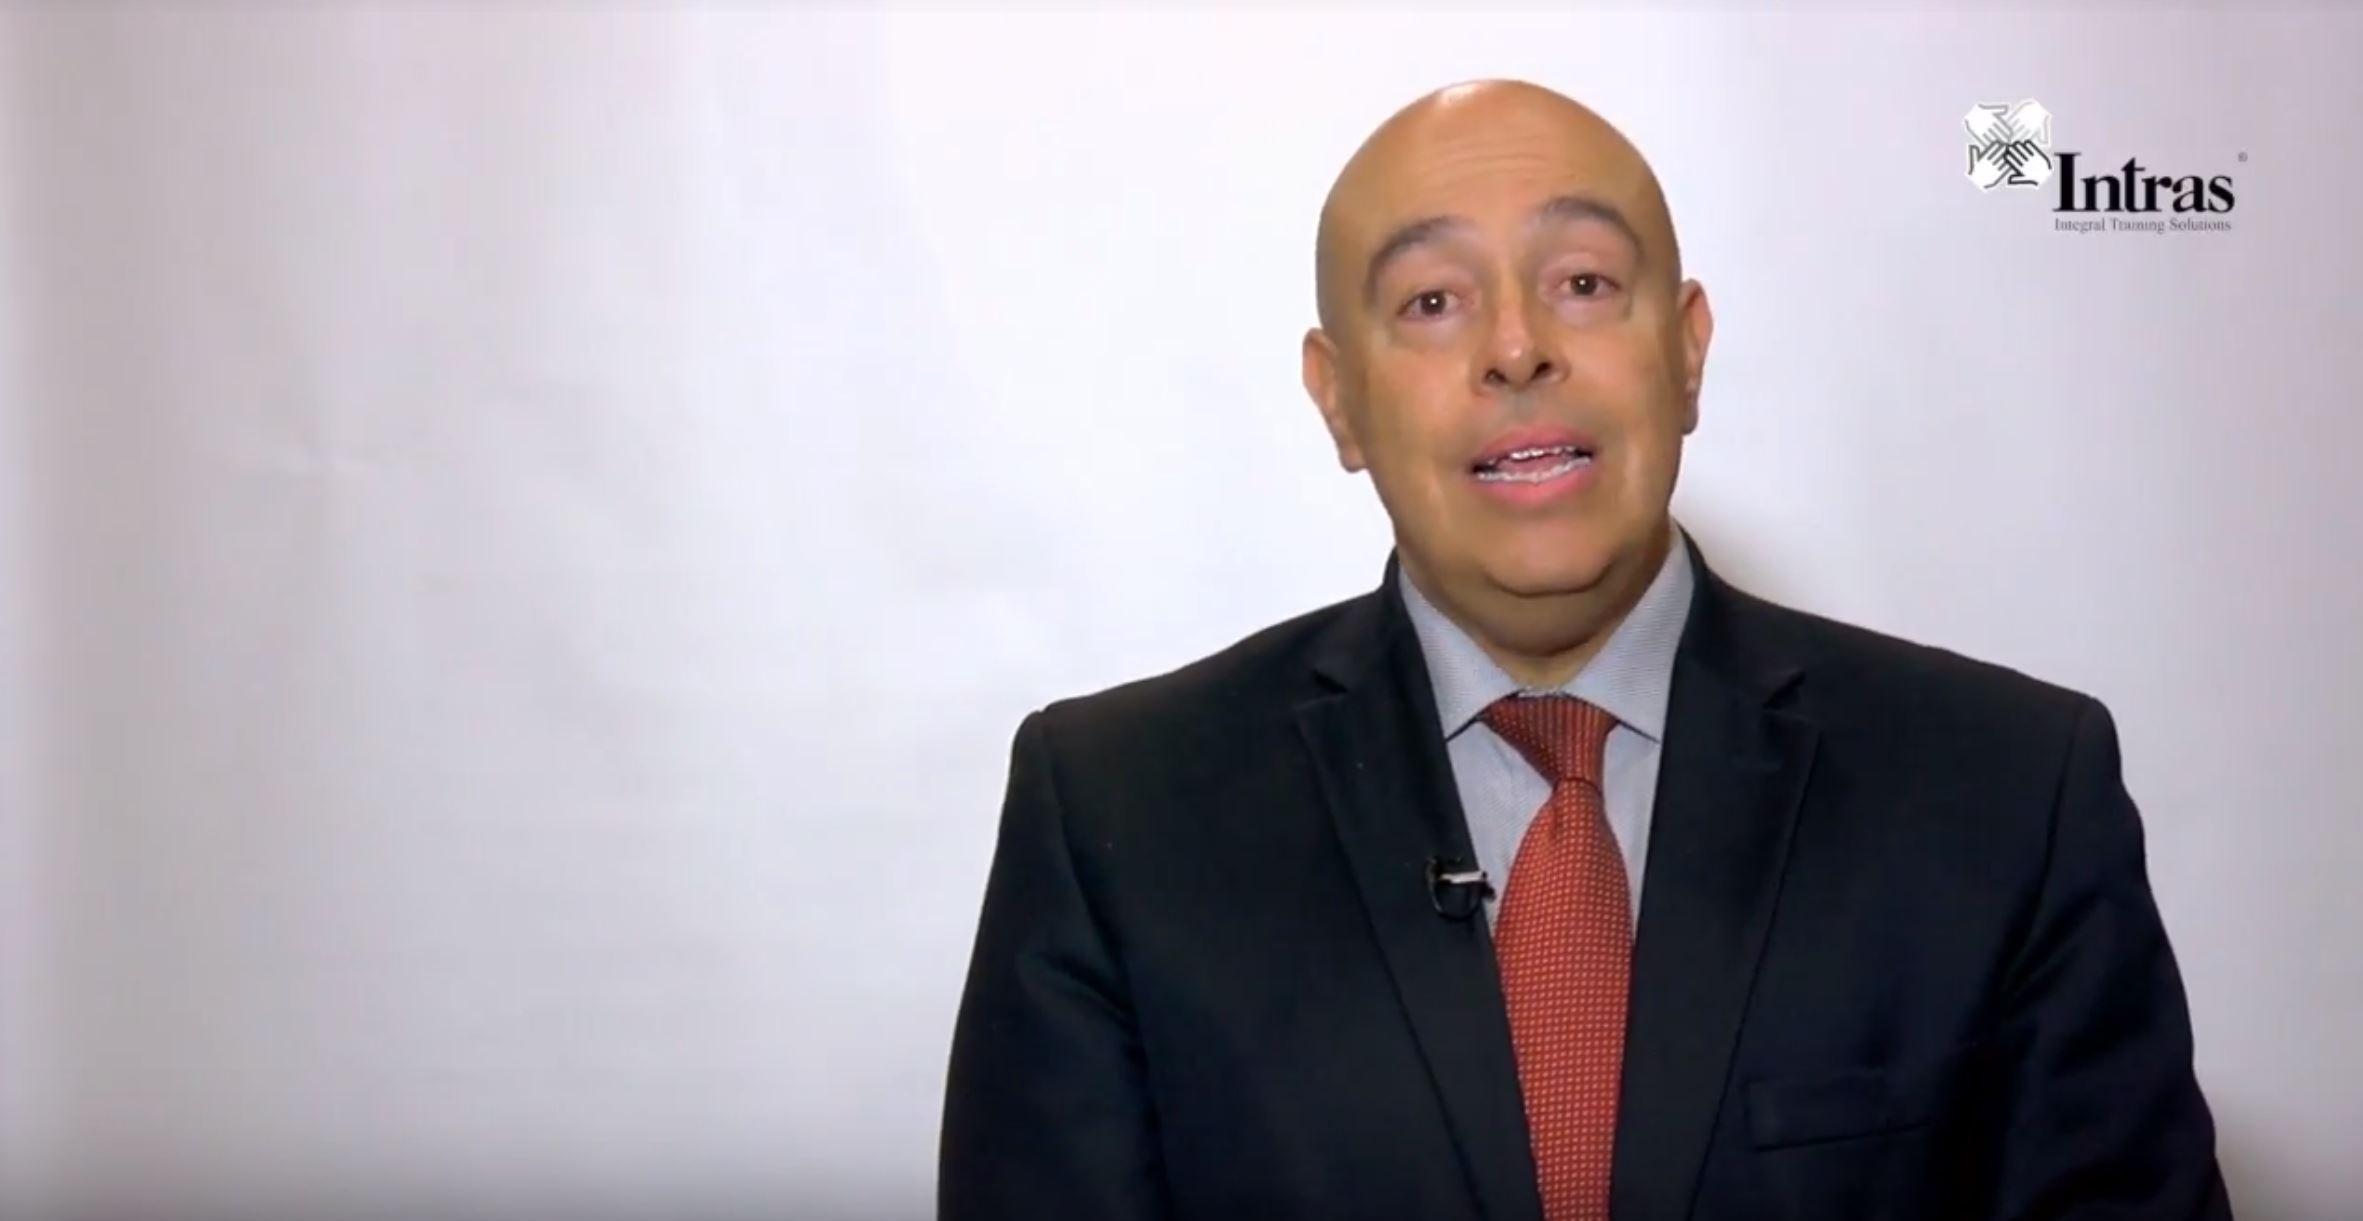 Vídeo - Un presupuesto que no hereda problemas: La metodología del Presupuesto Base Cero